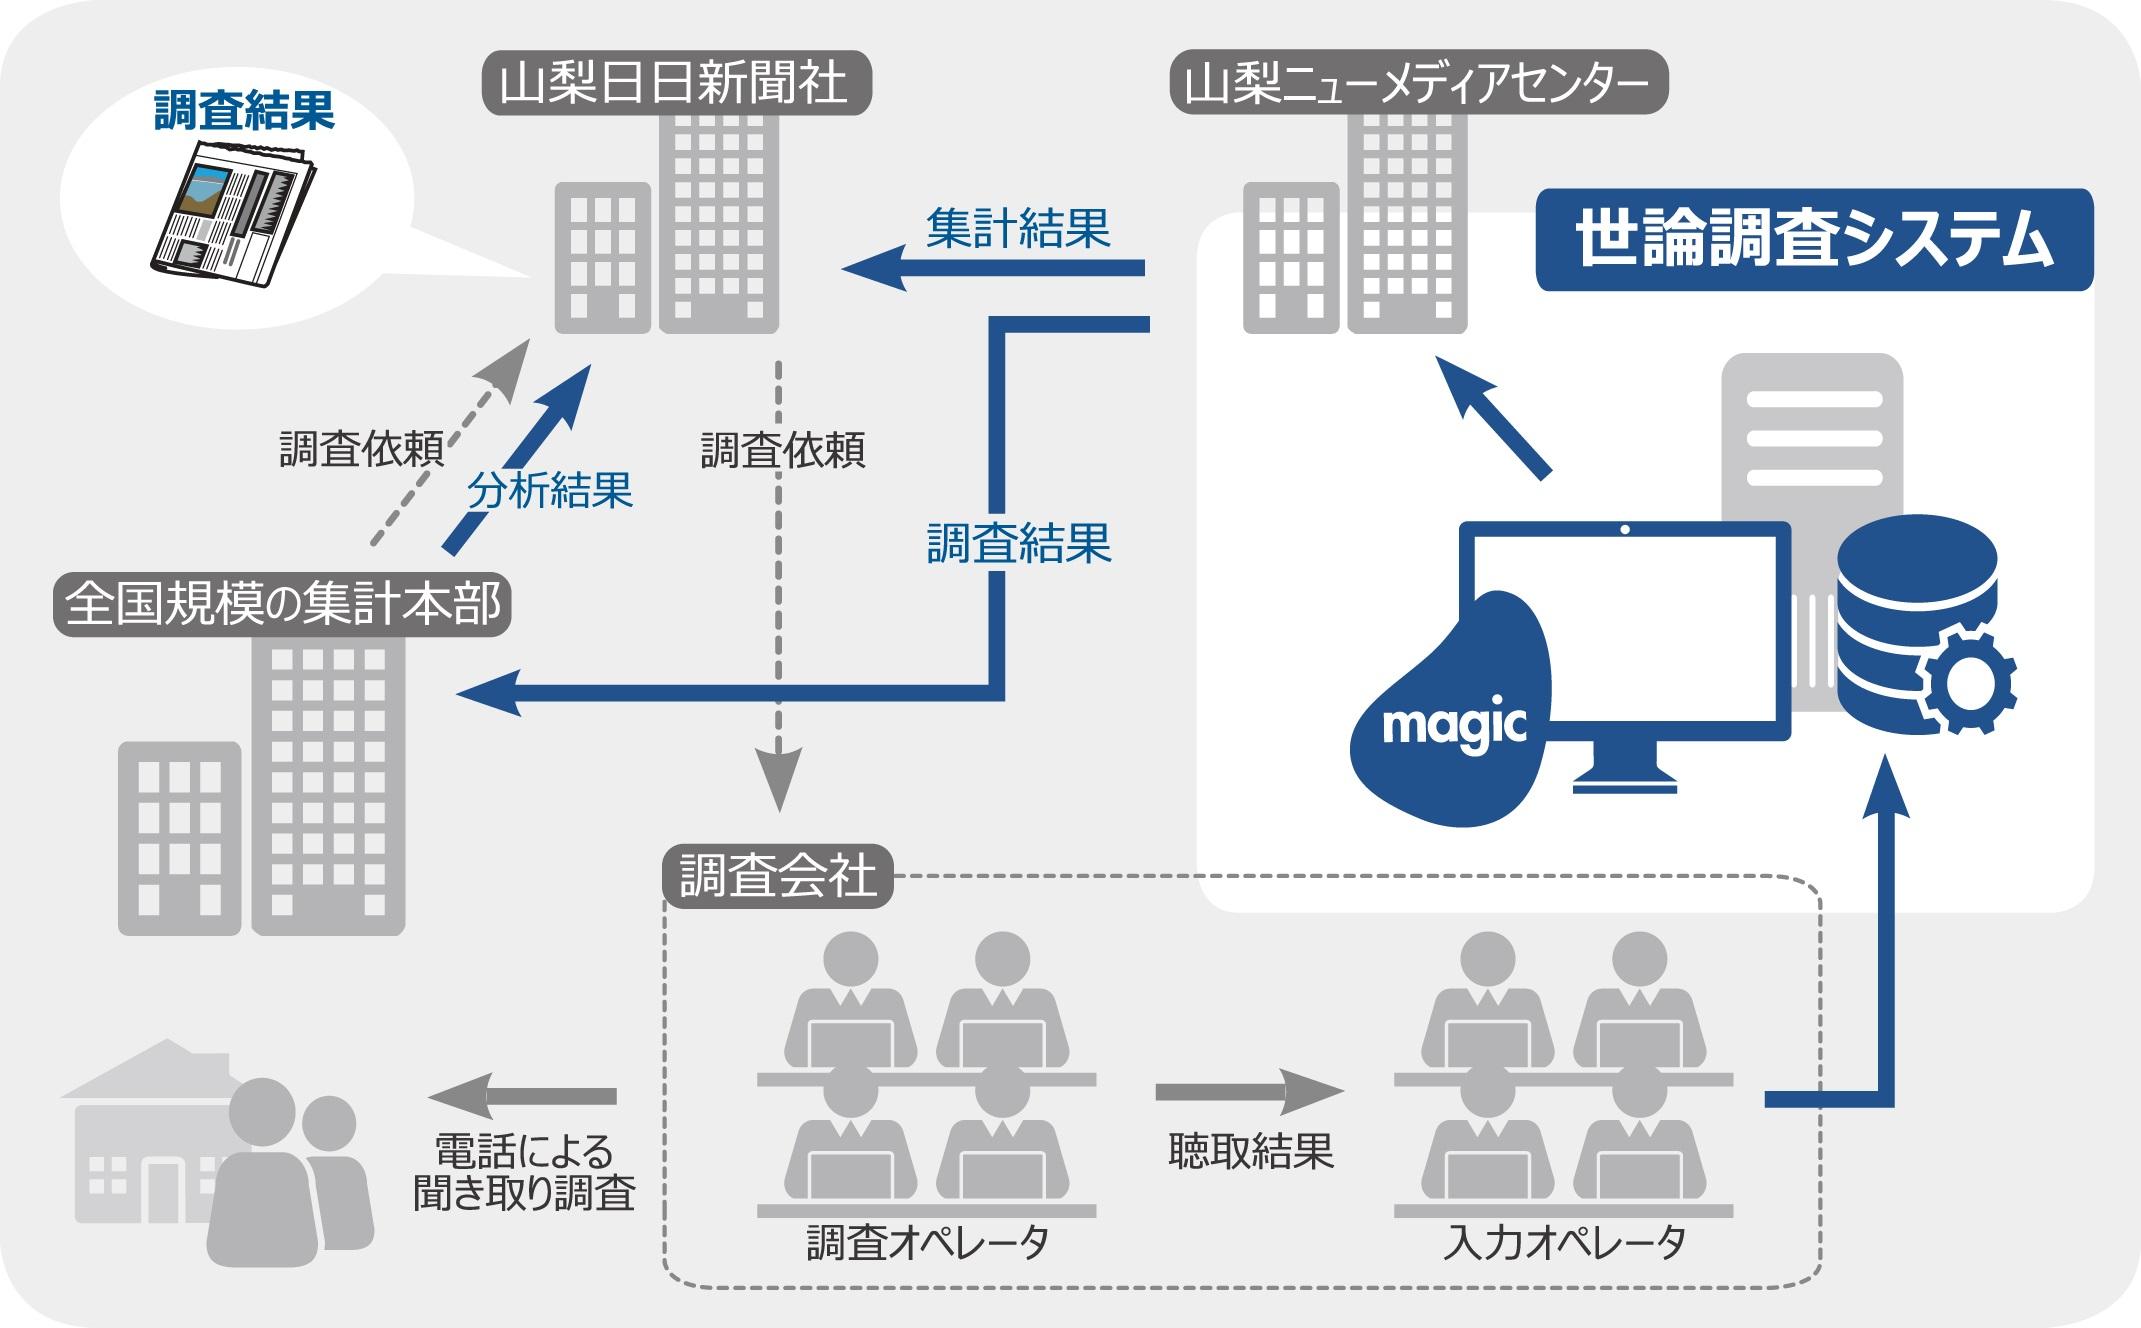 山梨日日新聞社、世論調査システムをMagicで構築